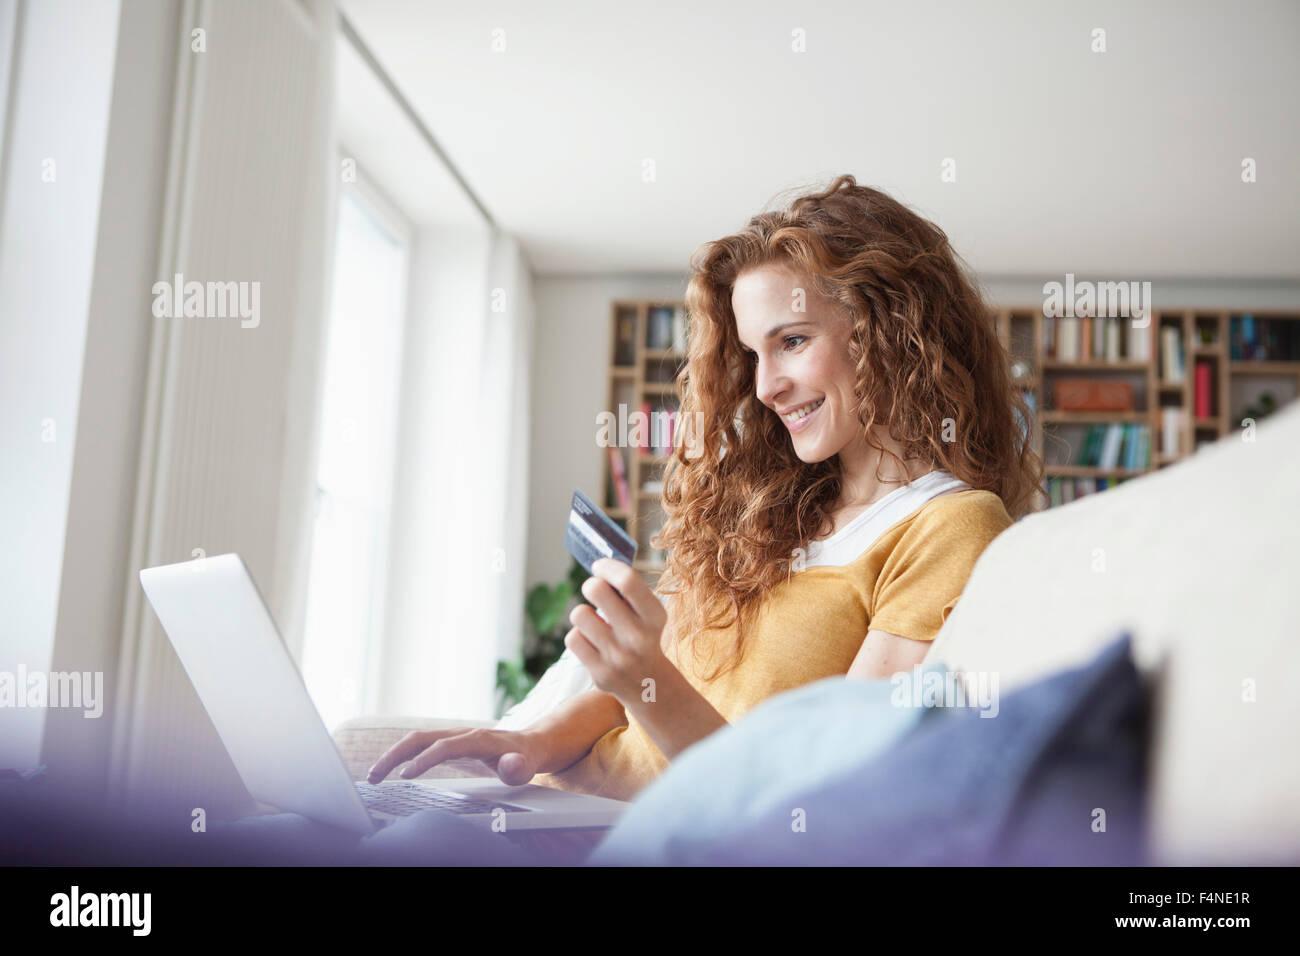 Mujer sonriente en casa compras online Imagen De Stock